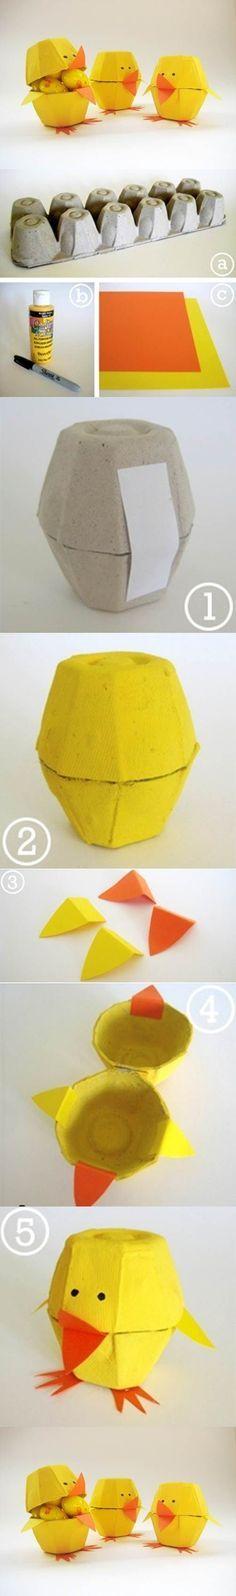 Cartón de huevos Craft - Lovely 2 polluelos: